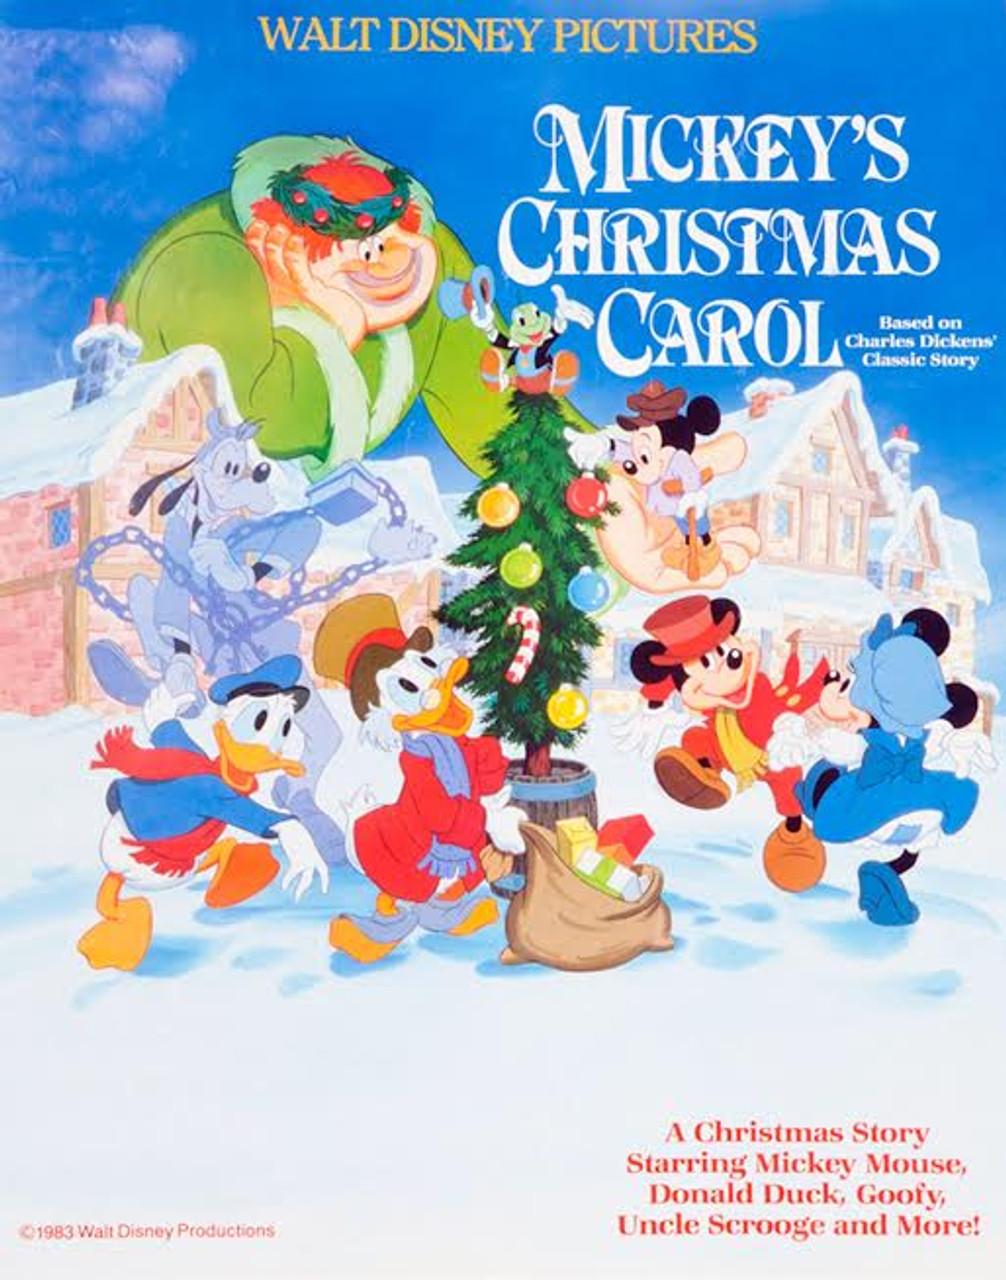 Disney Christmas Carol.Mickey S Christmas Carol Movie Poster Vintage Stock